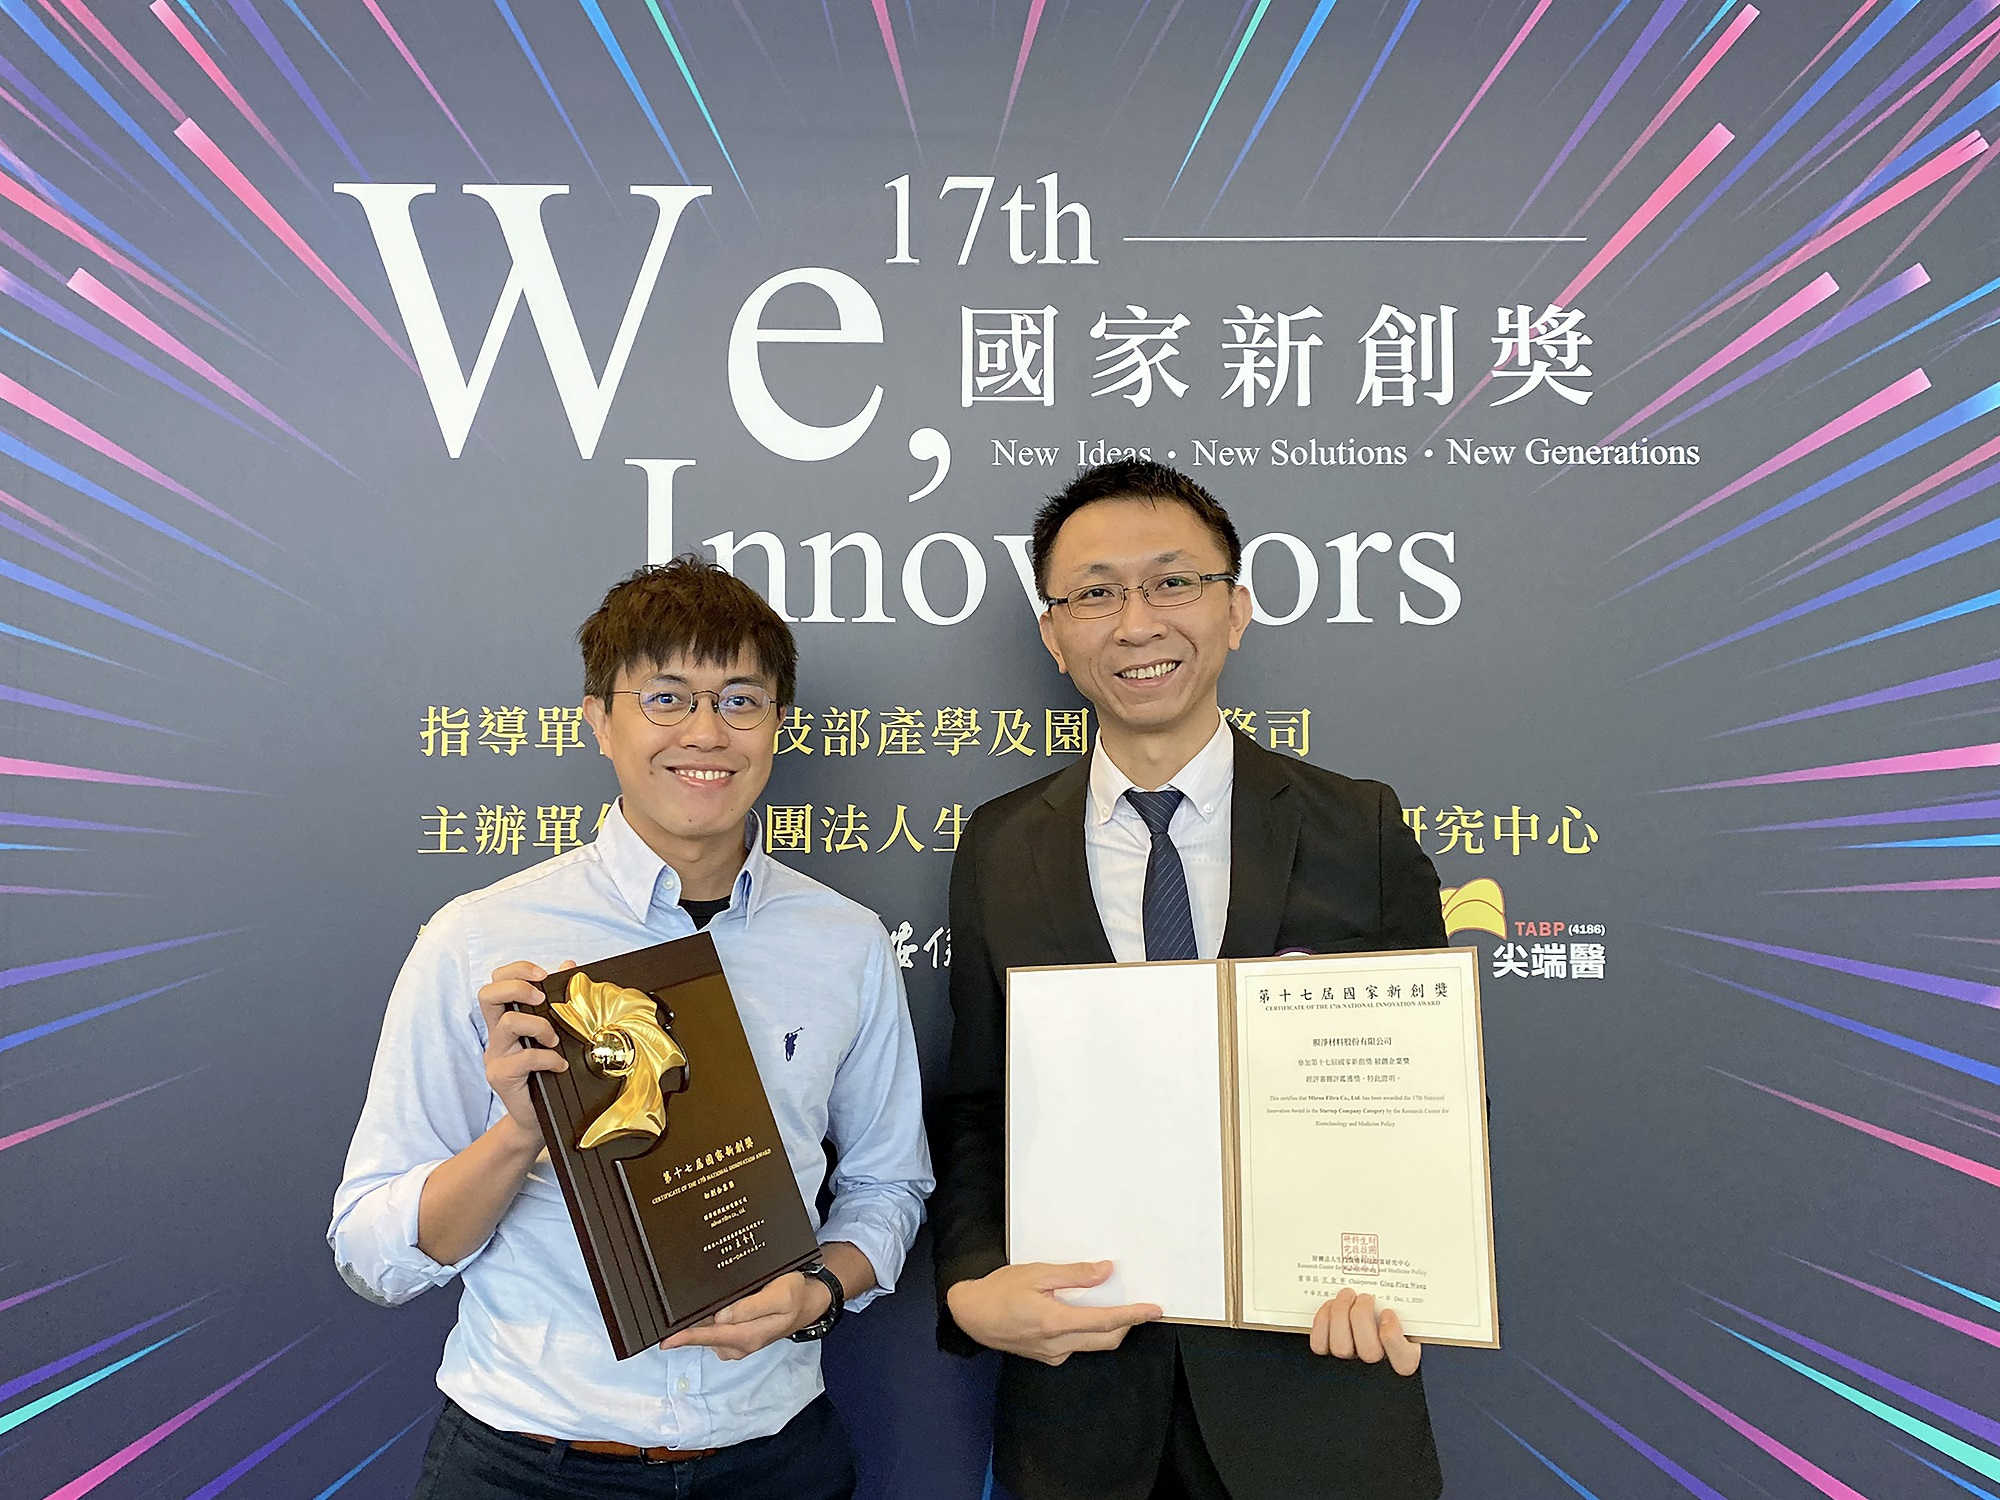 膜鏡材料榮獲第17屆國家新創獎-初創企業獎